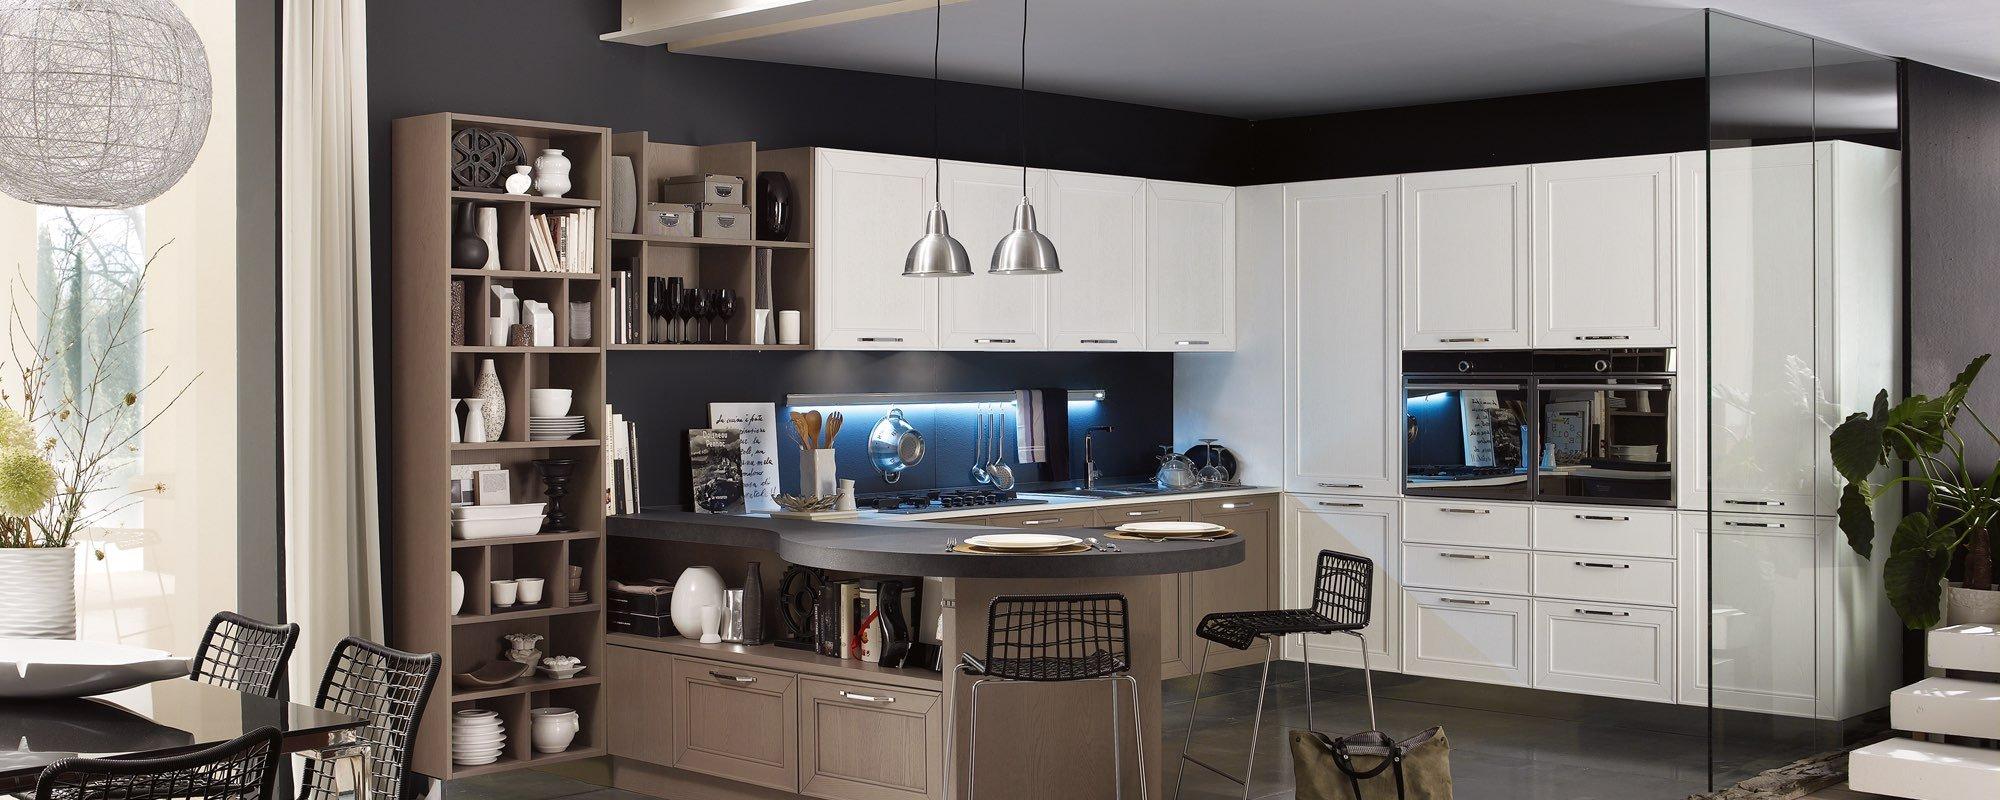 cucina stosa contemporanea in legno con designo stile e arredamento - MAXIM